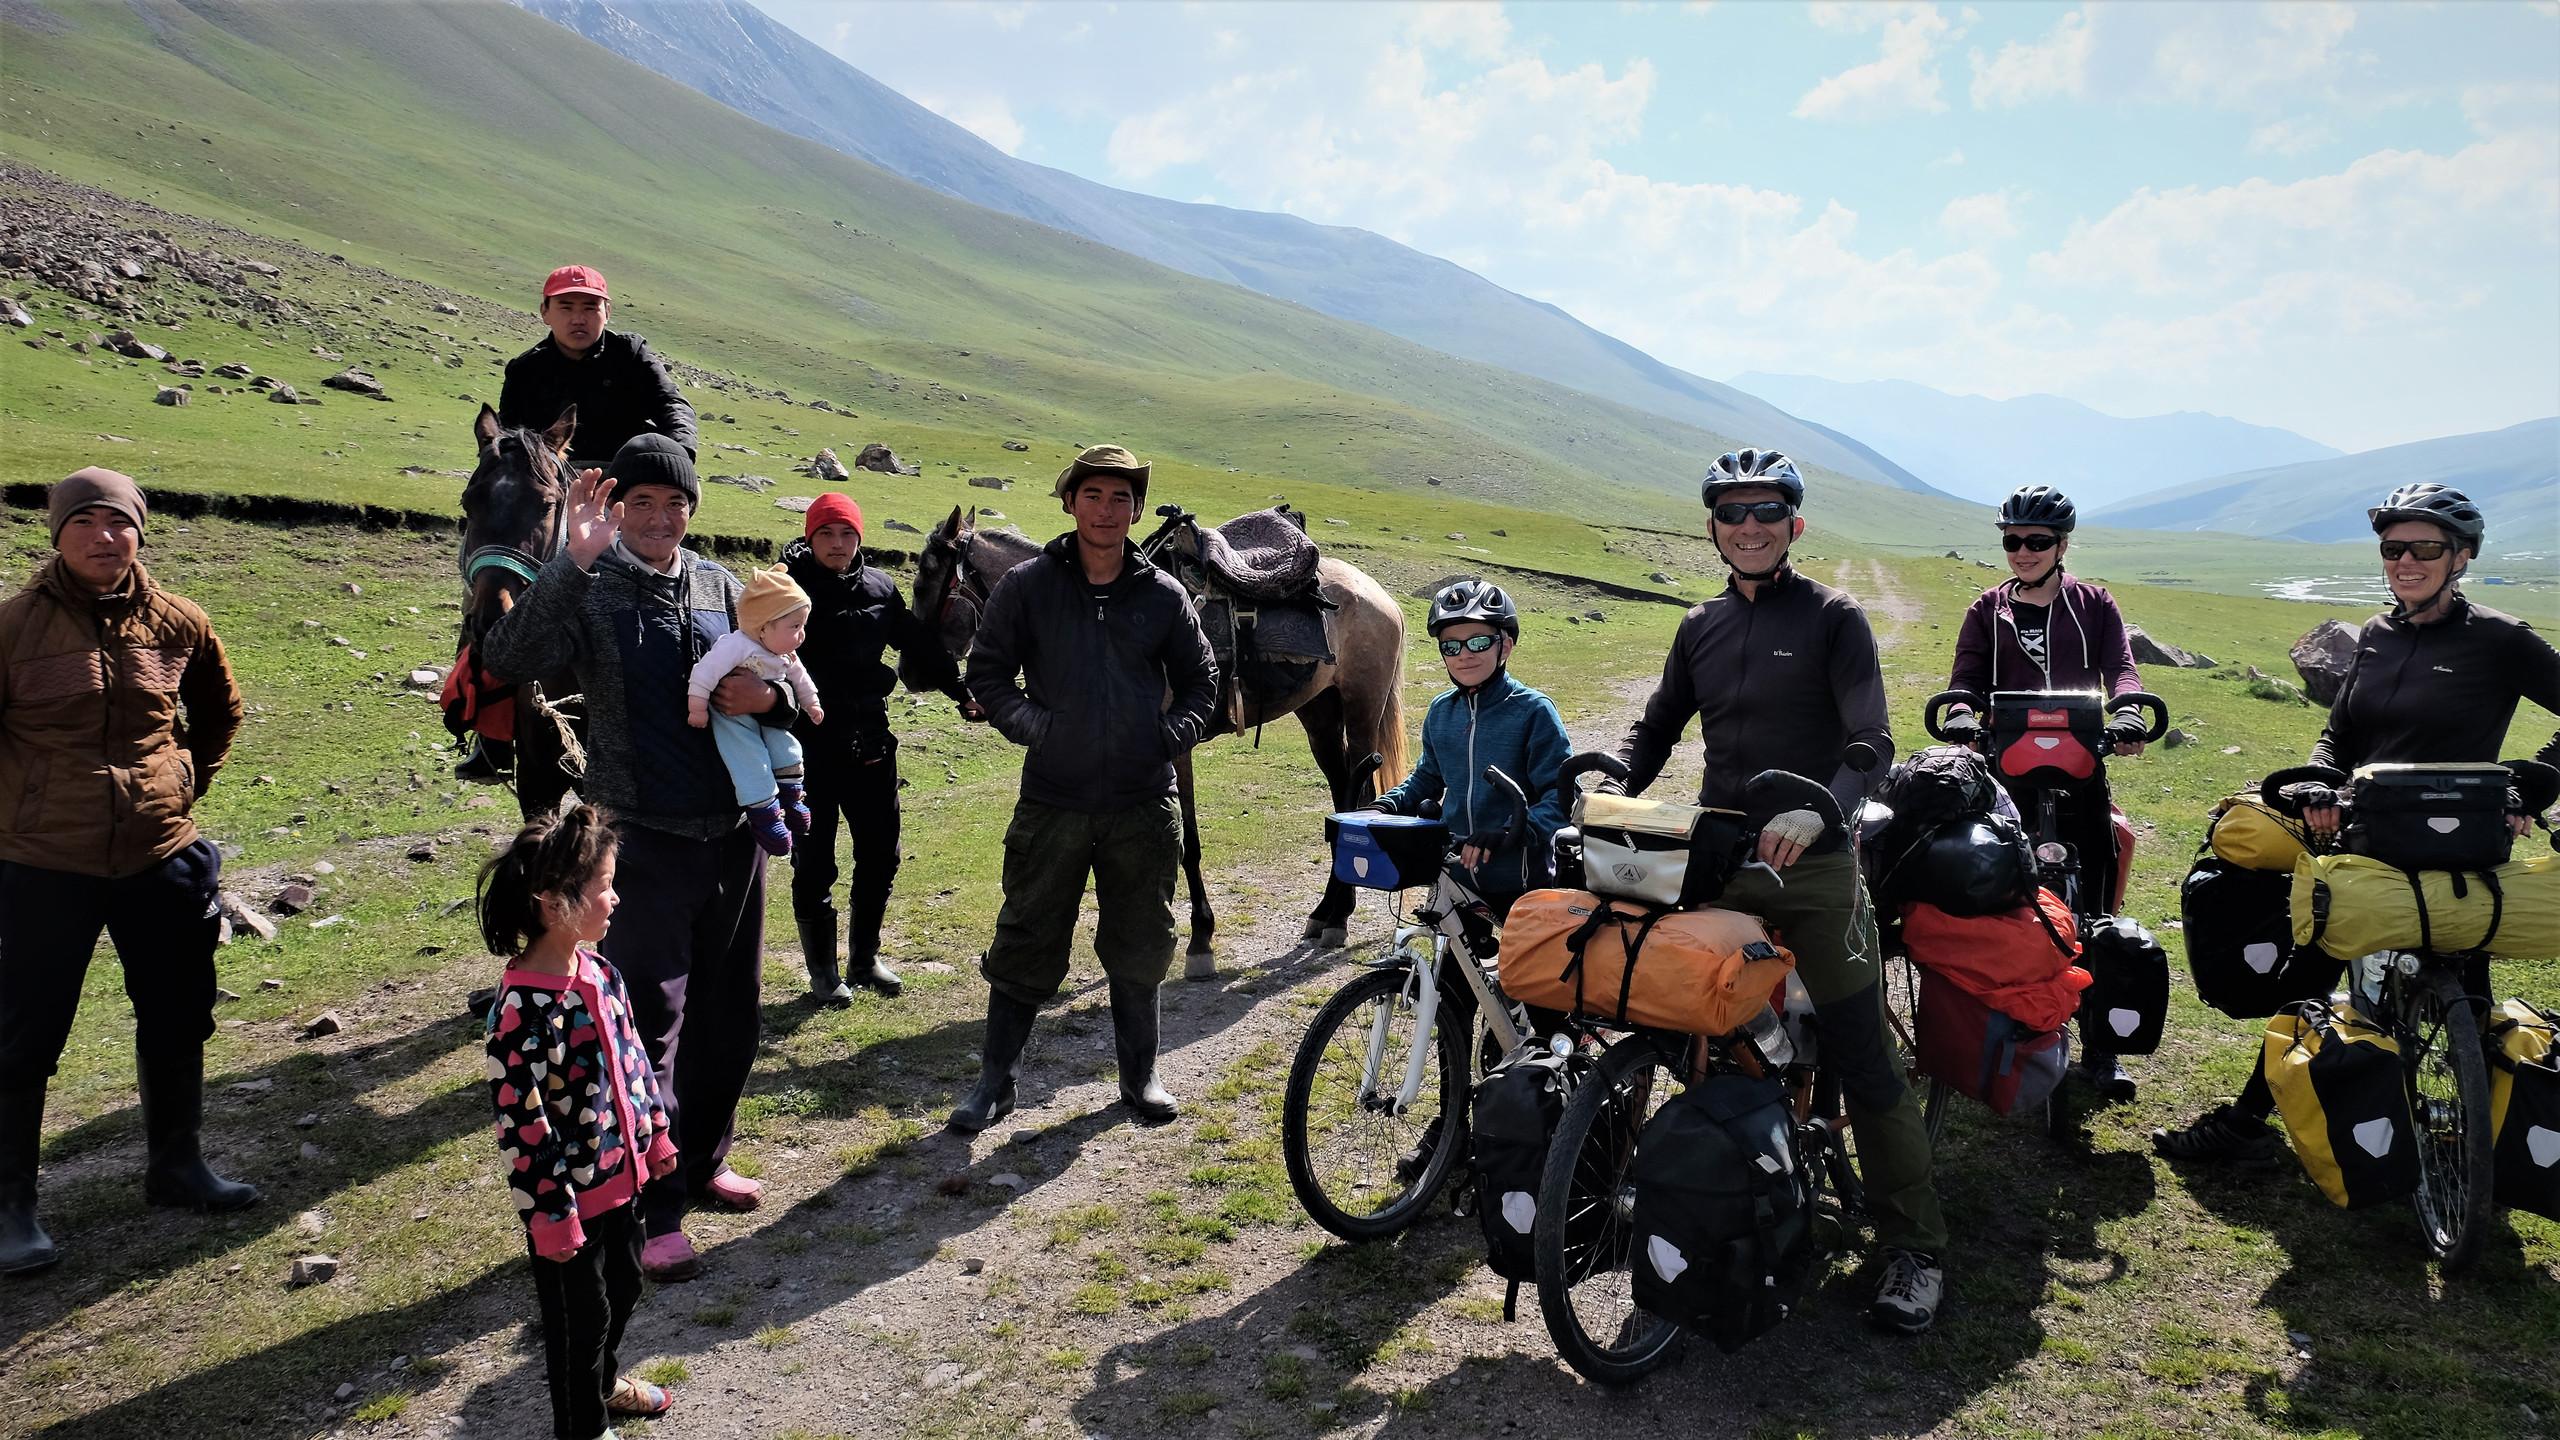 Rencontre avec des nomades Kyrgyzes.